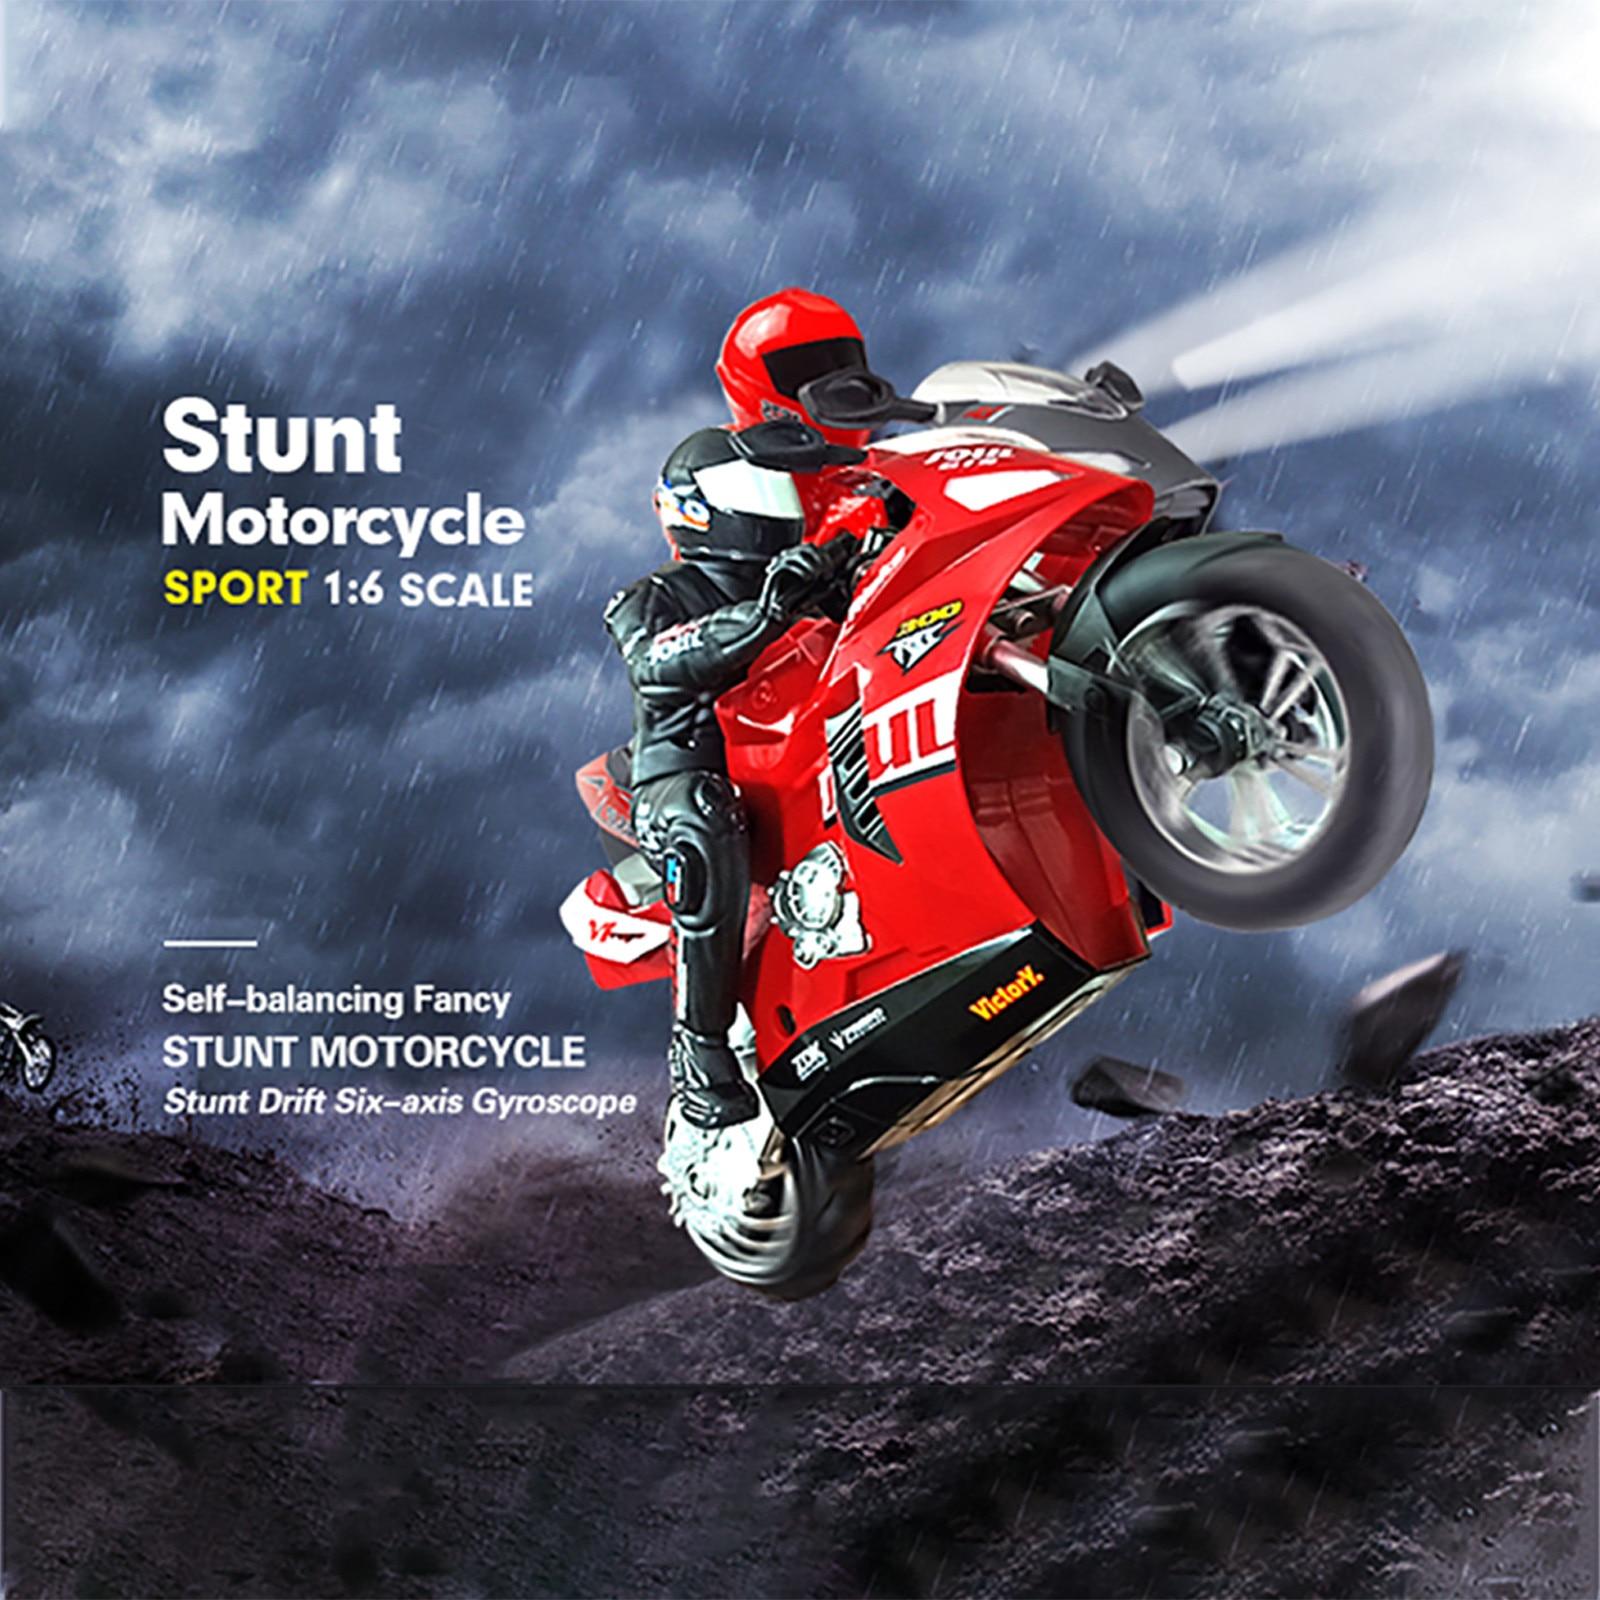 Rc moto Hc-802 auto-bilanciamento 6 assi del giroscopio acrobatica moto da corsa plastica Rtr ad alta velocità 20 km/h 360 gradi Drift # G